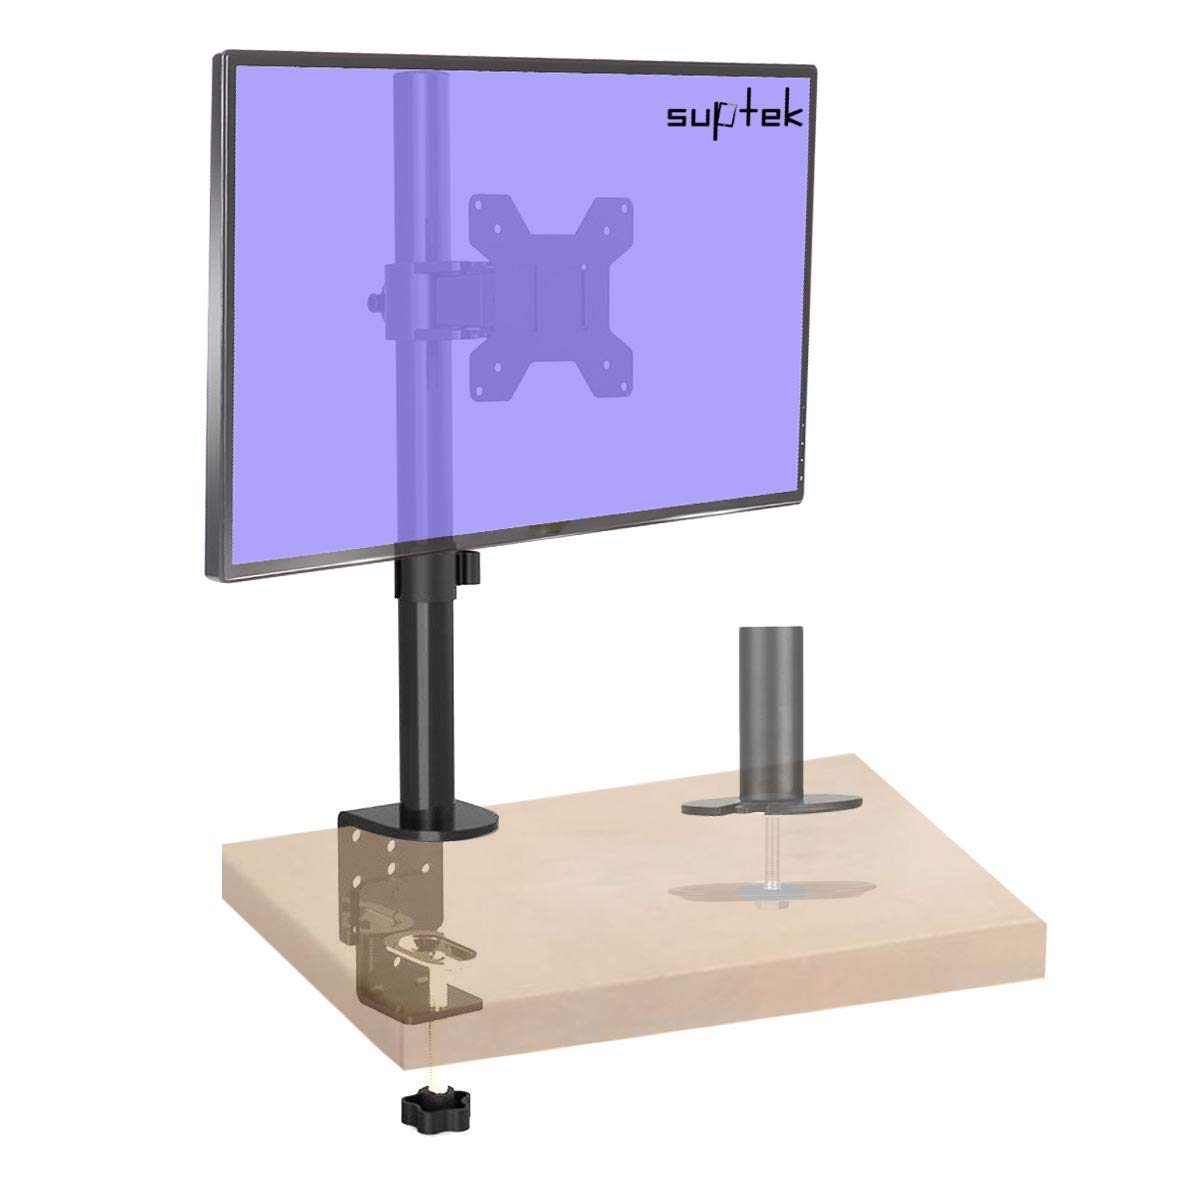 Braccio e supporto per monitor